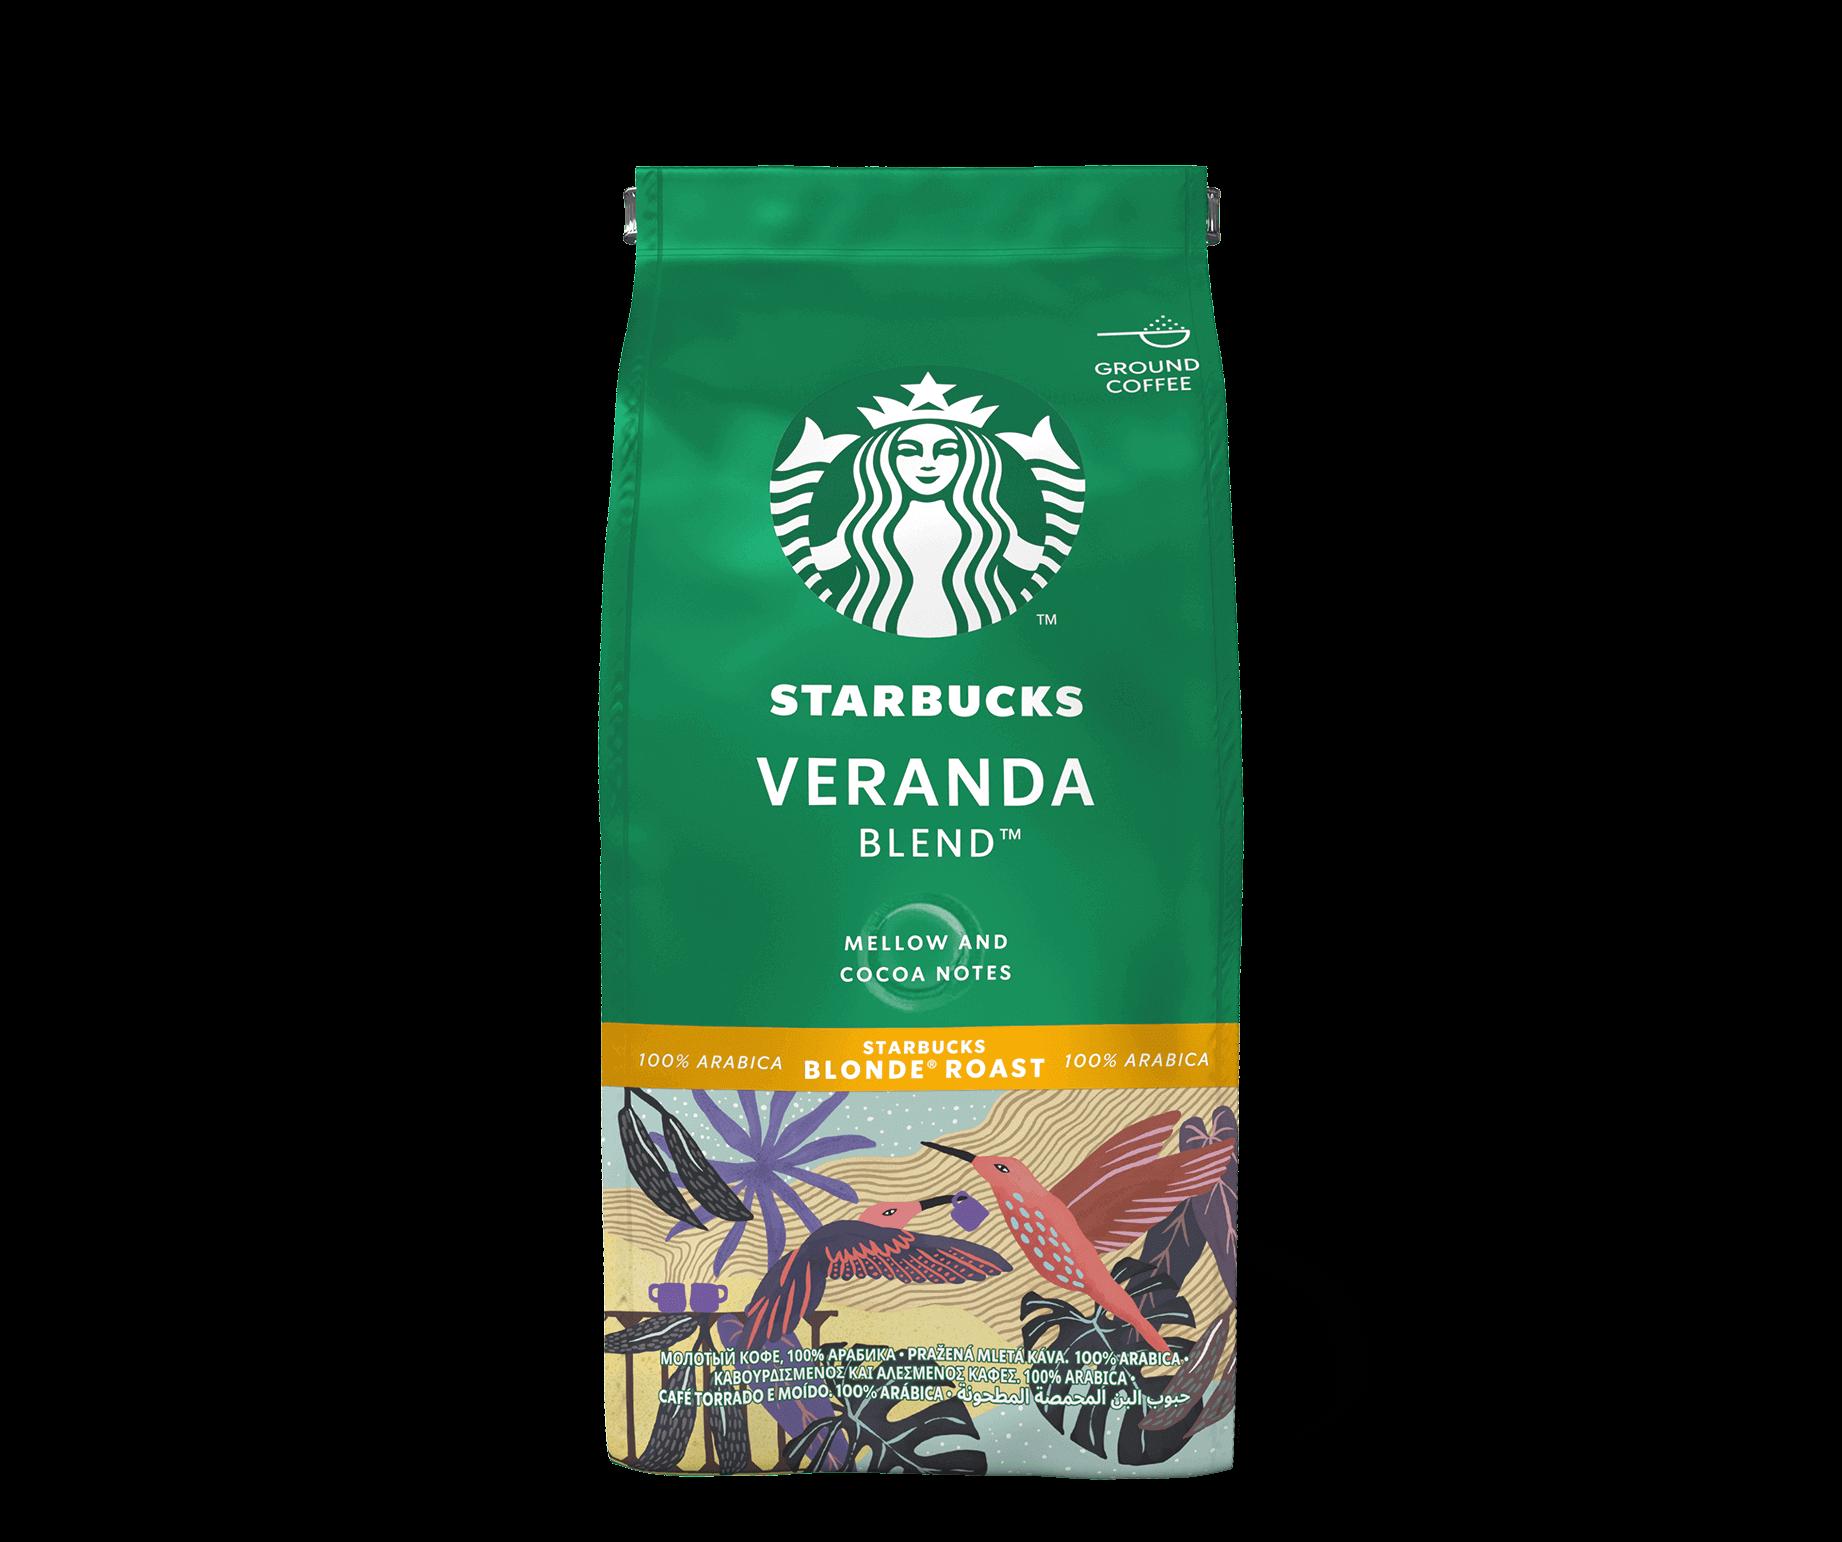 Starbucks® Veranda Blend™